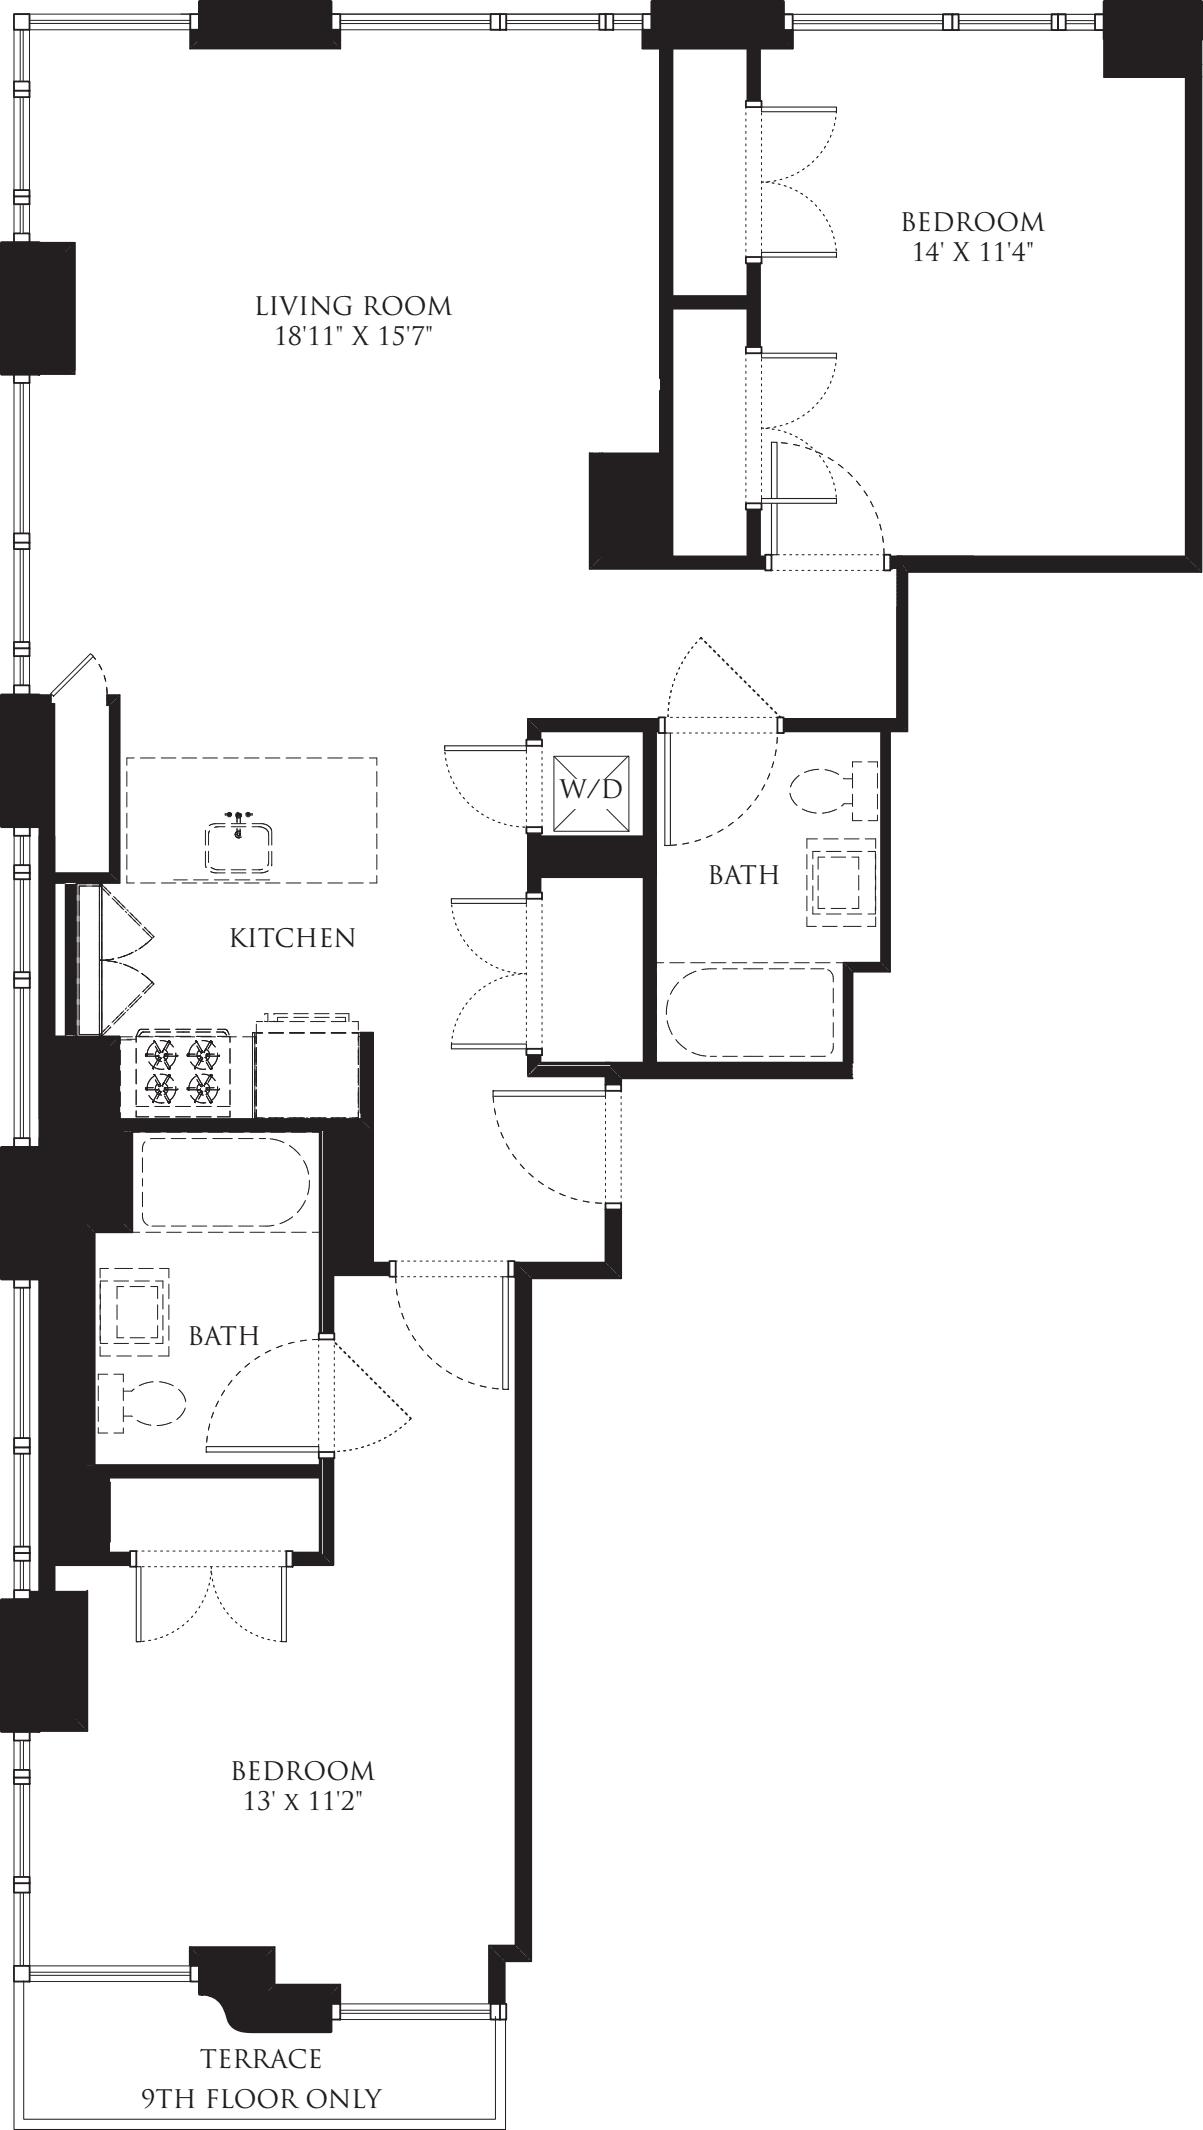 2B-I Terrace